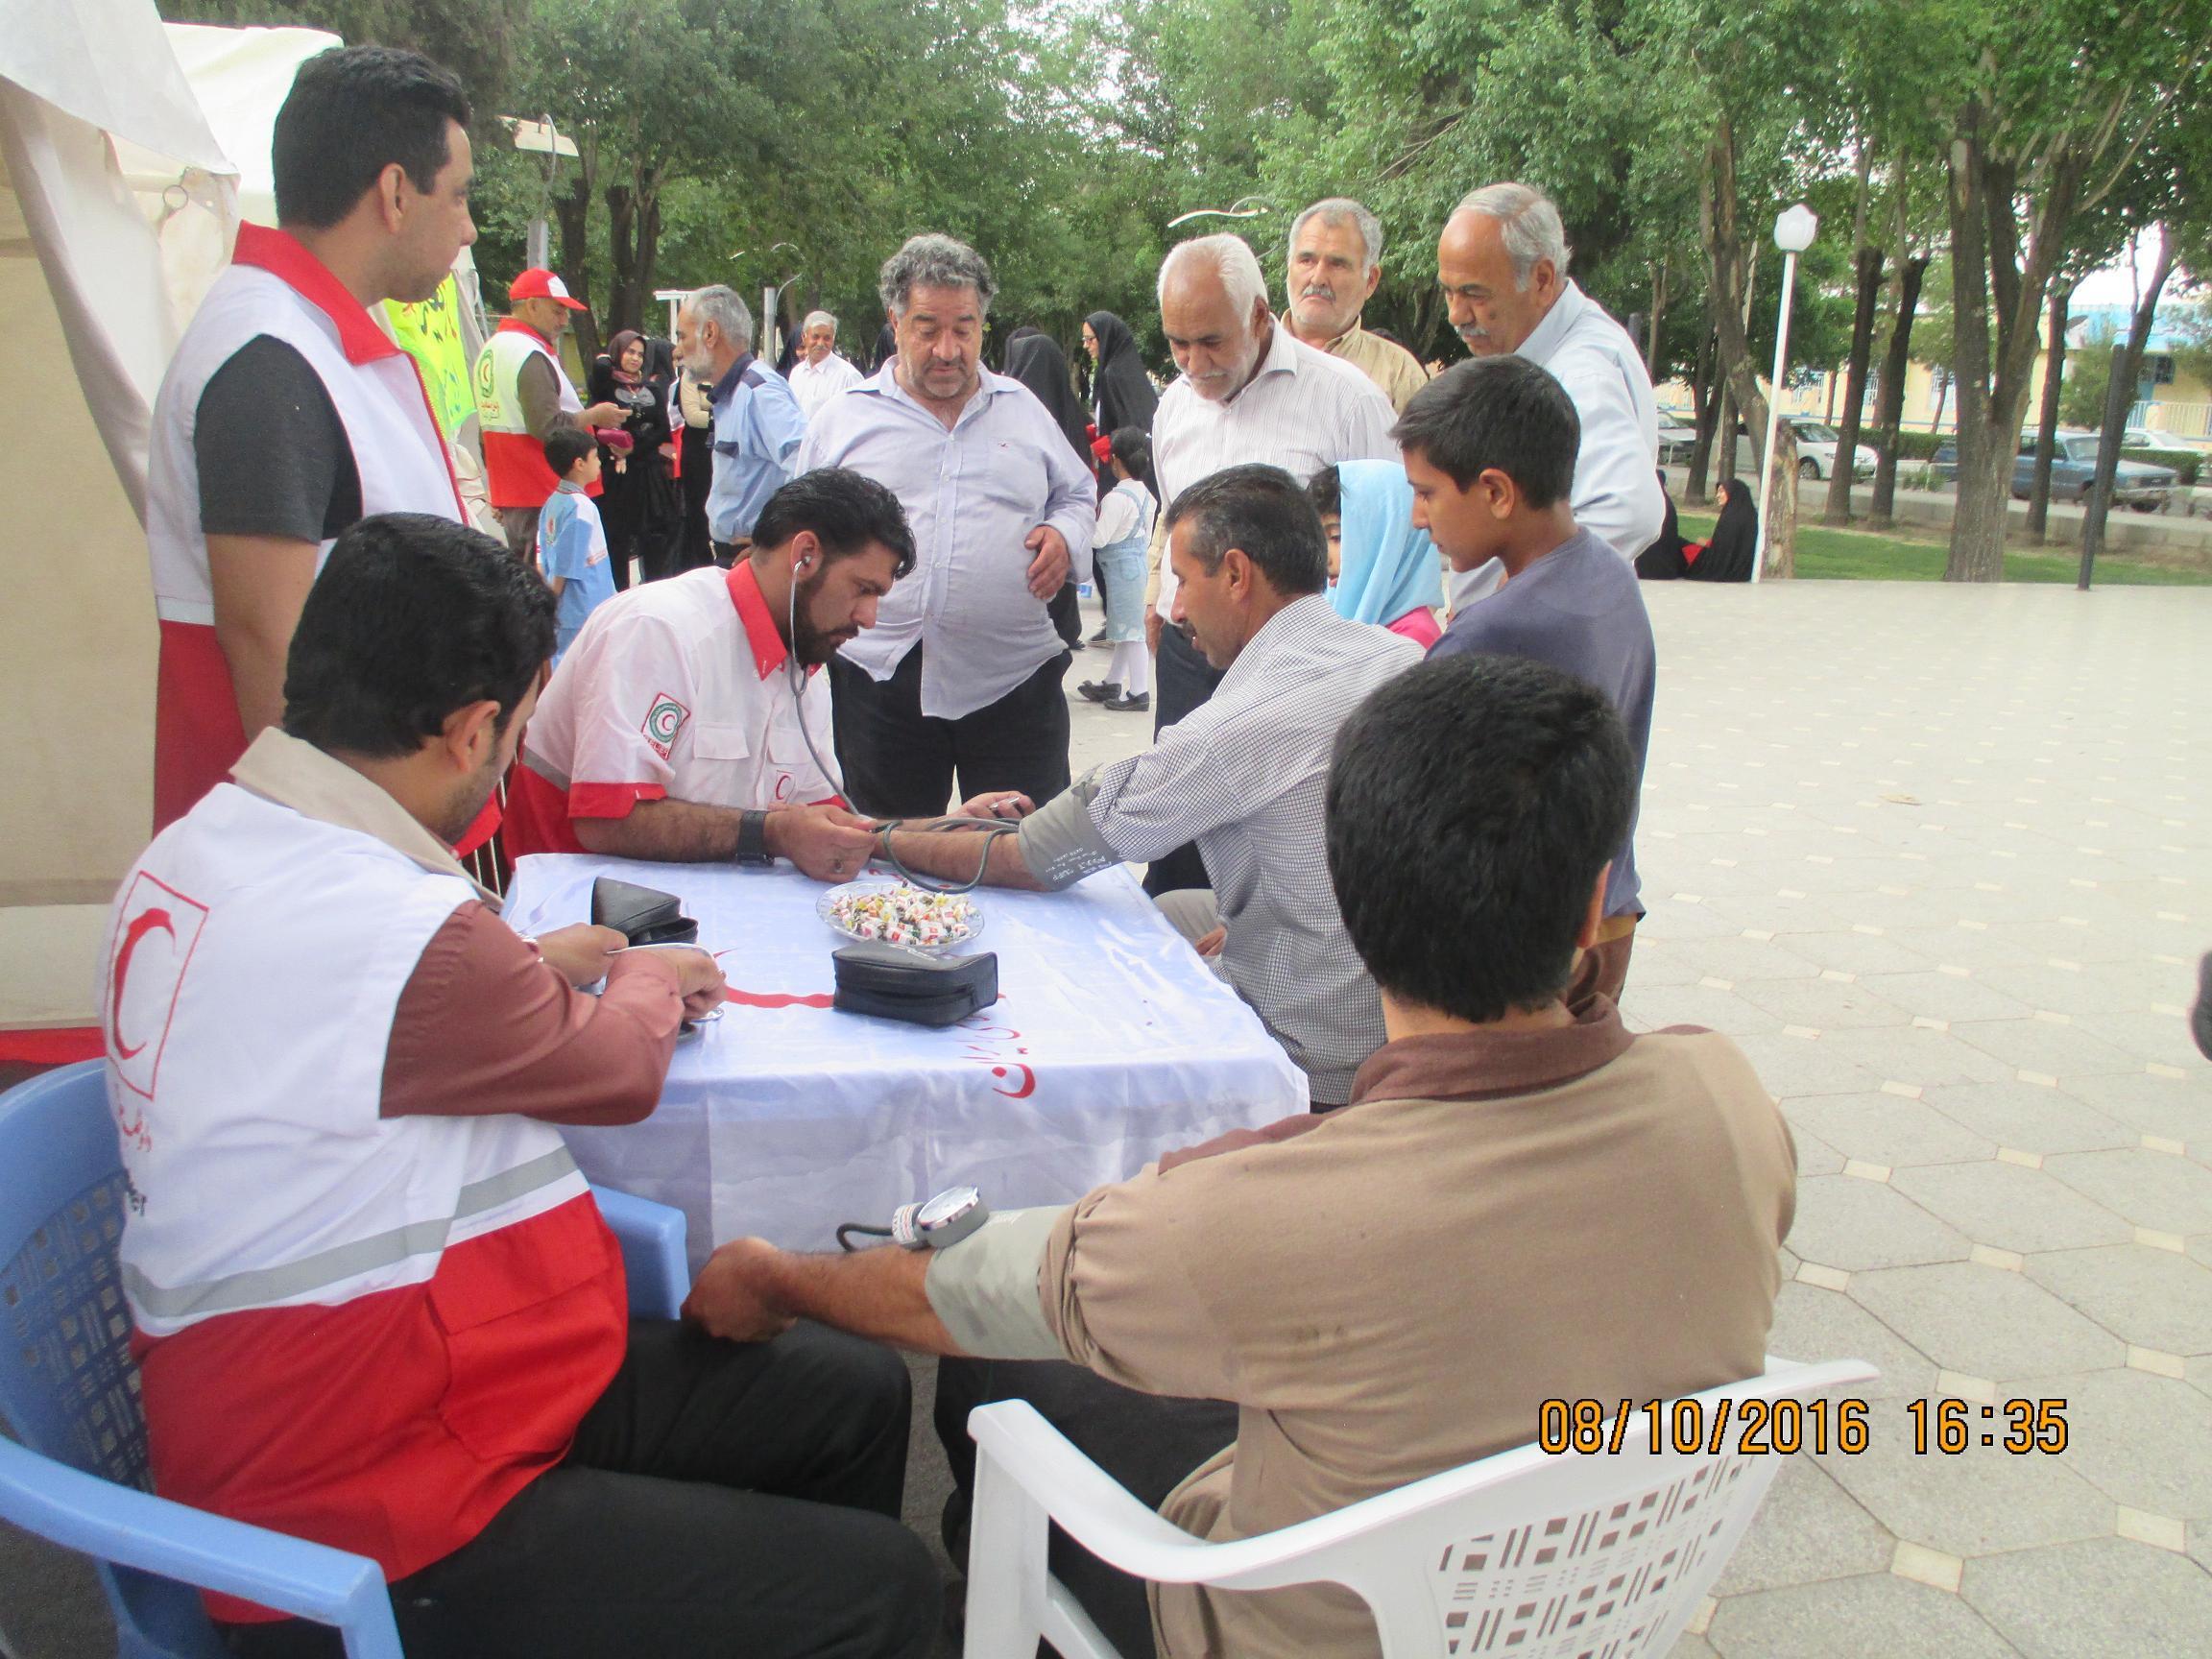 اجرای طرح همراهان مهربانی با حضور امدادگران ، جوانان وداوطلبان جمعیت هلال احمر رفسنجان